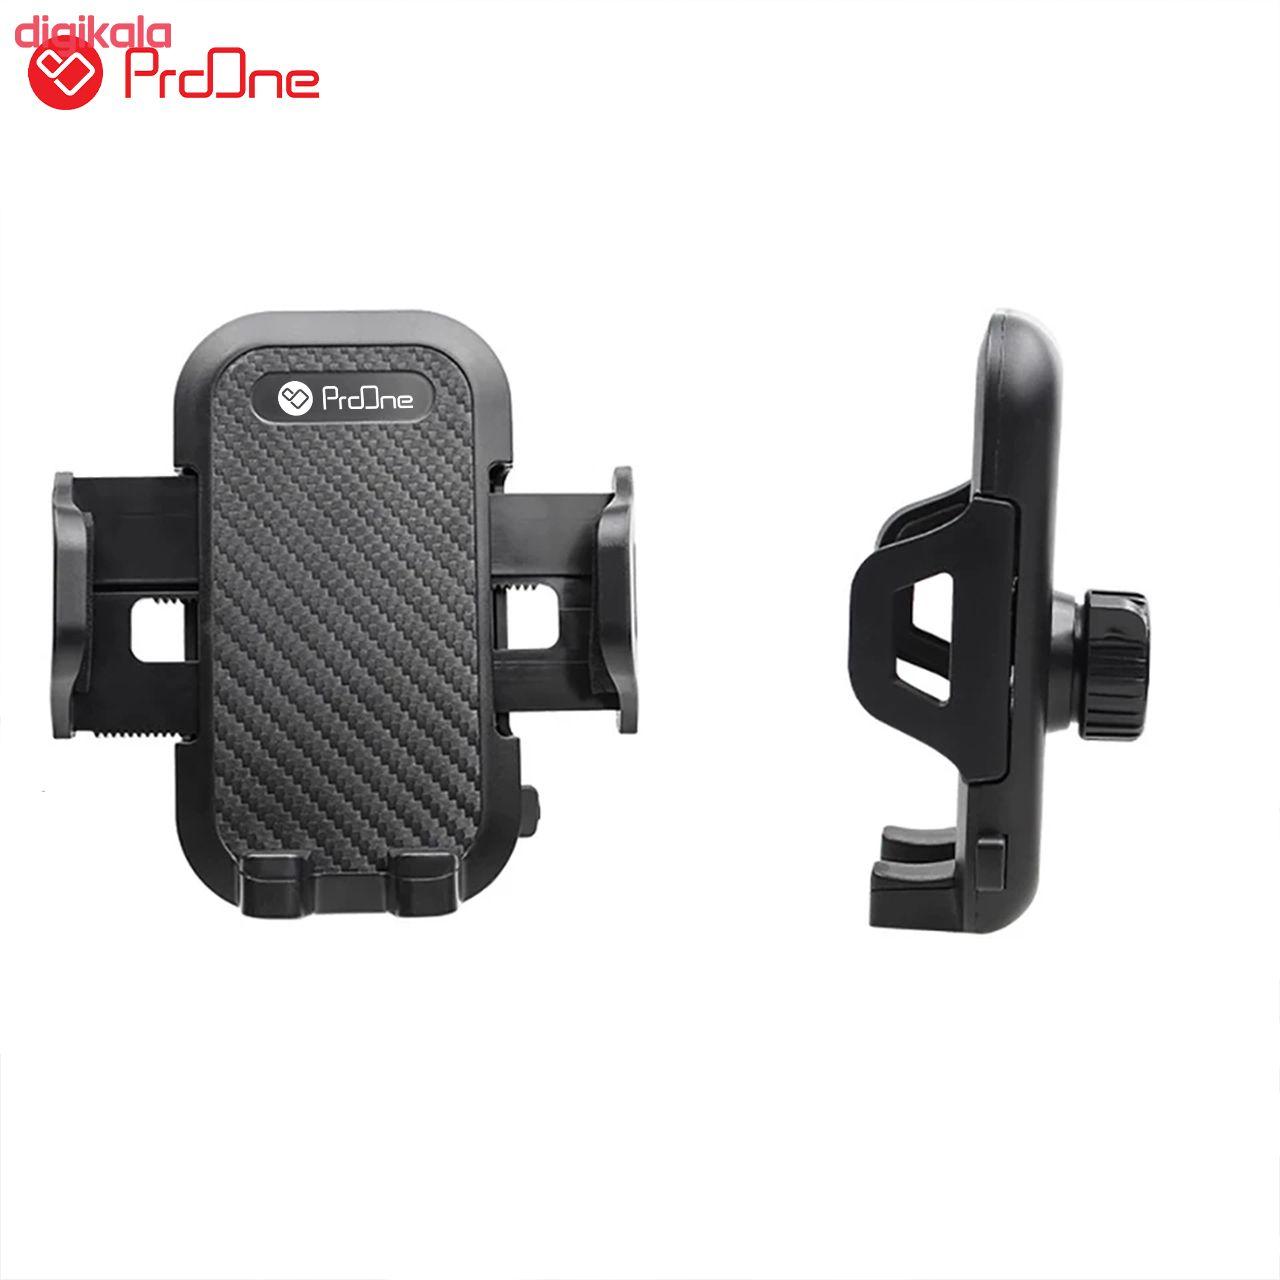 پایه نگهدارنده گوشی موبایل پرووان مدل PHD05 main 1 3